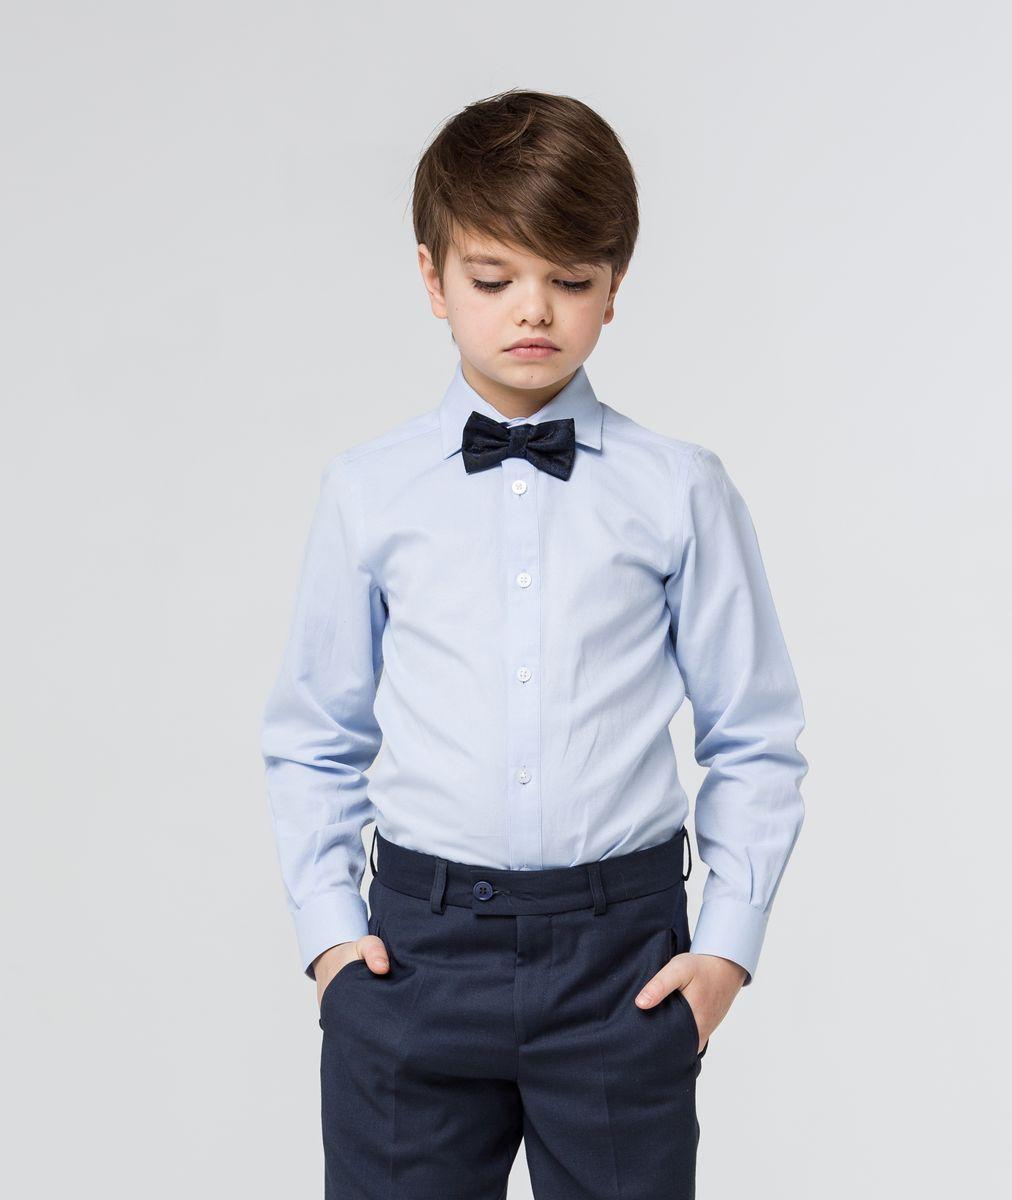 Рубашка для мальчика Silver Spoon, цвет: голубой. SSFSB-629-13831-331. Размер 164SSFSB-629-13831-331Стильная рубашка Silver Spoon станет отличным дополнением к школьному гардеробу вашего мальчика. Модель, выполненная из хлопка с добавлением полиэстера, необычайно мягкая и приятная на ощупь, не сковывает движения и позволяет коже дышать. Рубашка классического кроя с длинными рукавами и отложным воротником застегивается на пуговицы по всей длине. На манжетах предусмотрены застежки-пуговицы.